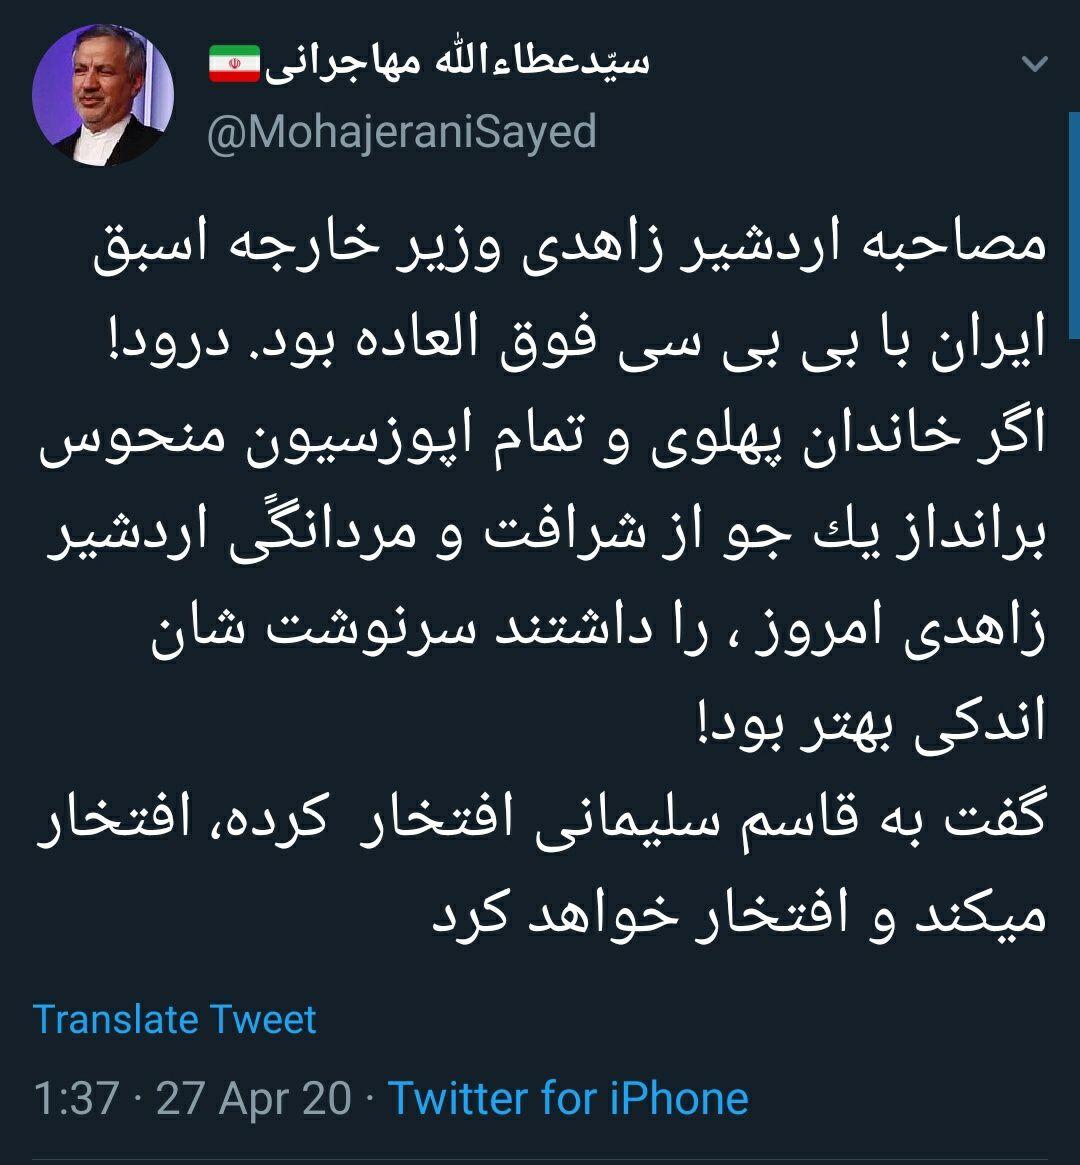 ماموریت بیبیسی فارسی به خوب … 104212001587991206